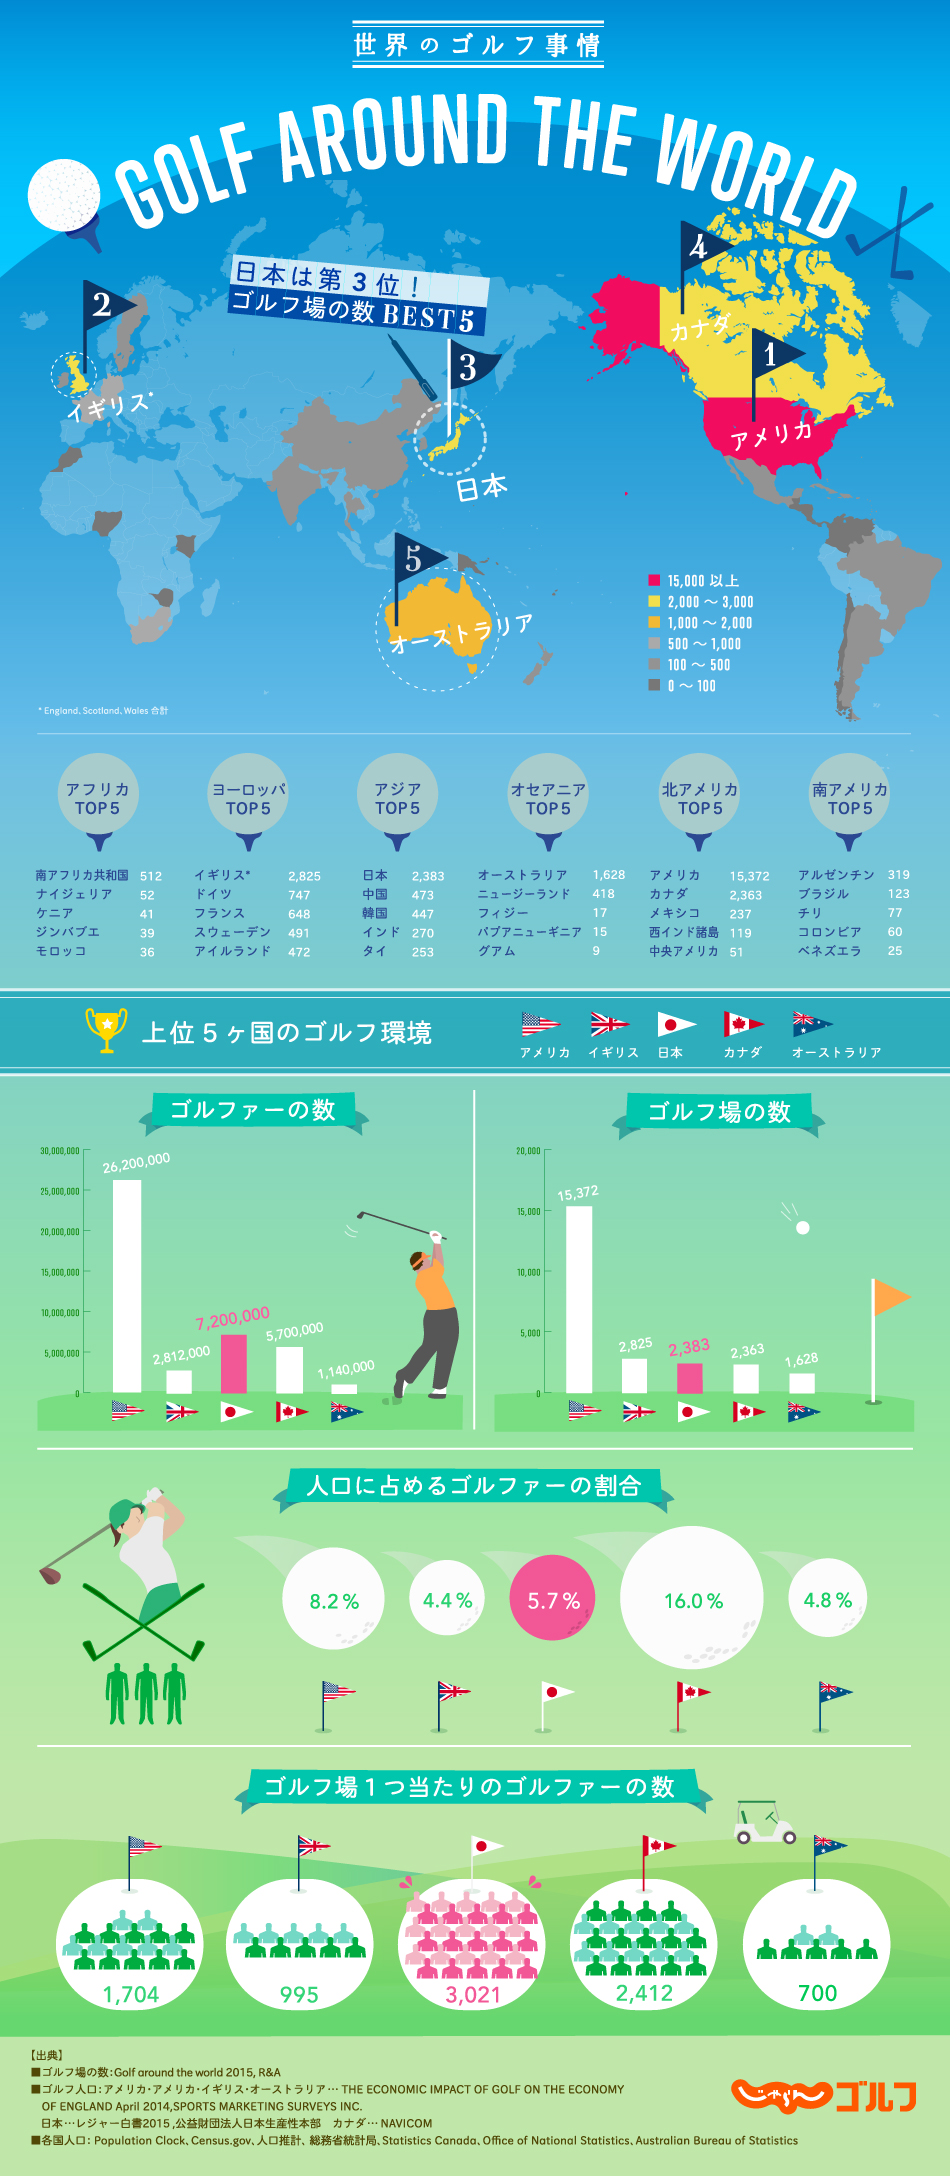 インフォグラフィック:社会人がゴルフを始めるメリット。コミュ力を高めるスポーツとして注目